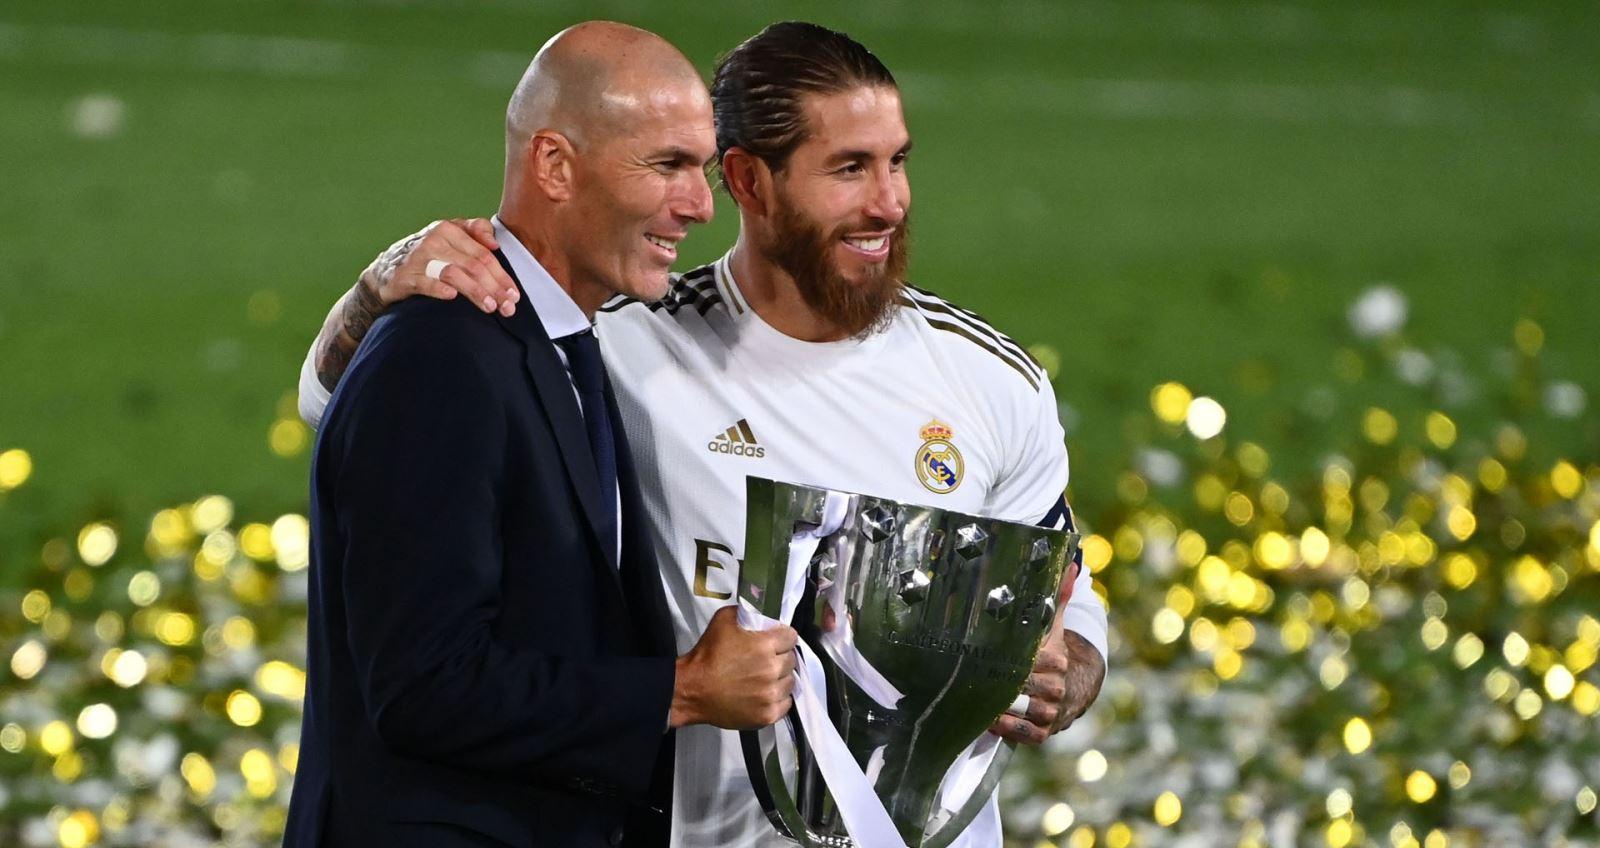 bóng đá, bong da, real madrid, champions league, Cúp C1, trực tiếp bóng đá, bóng đá, Real, Man City